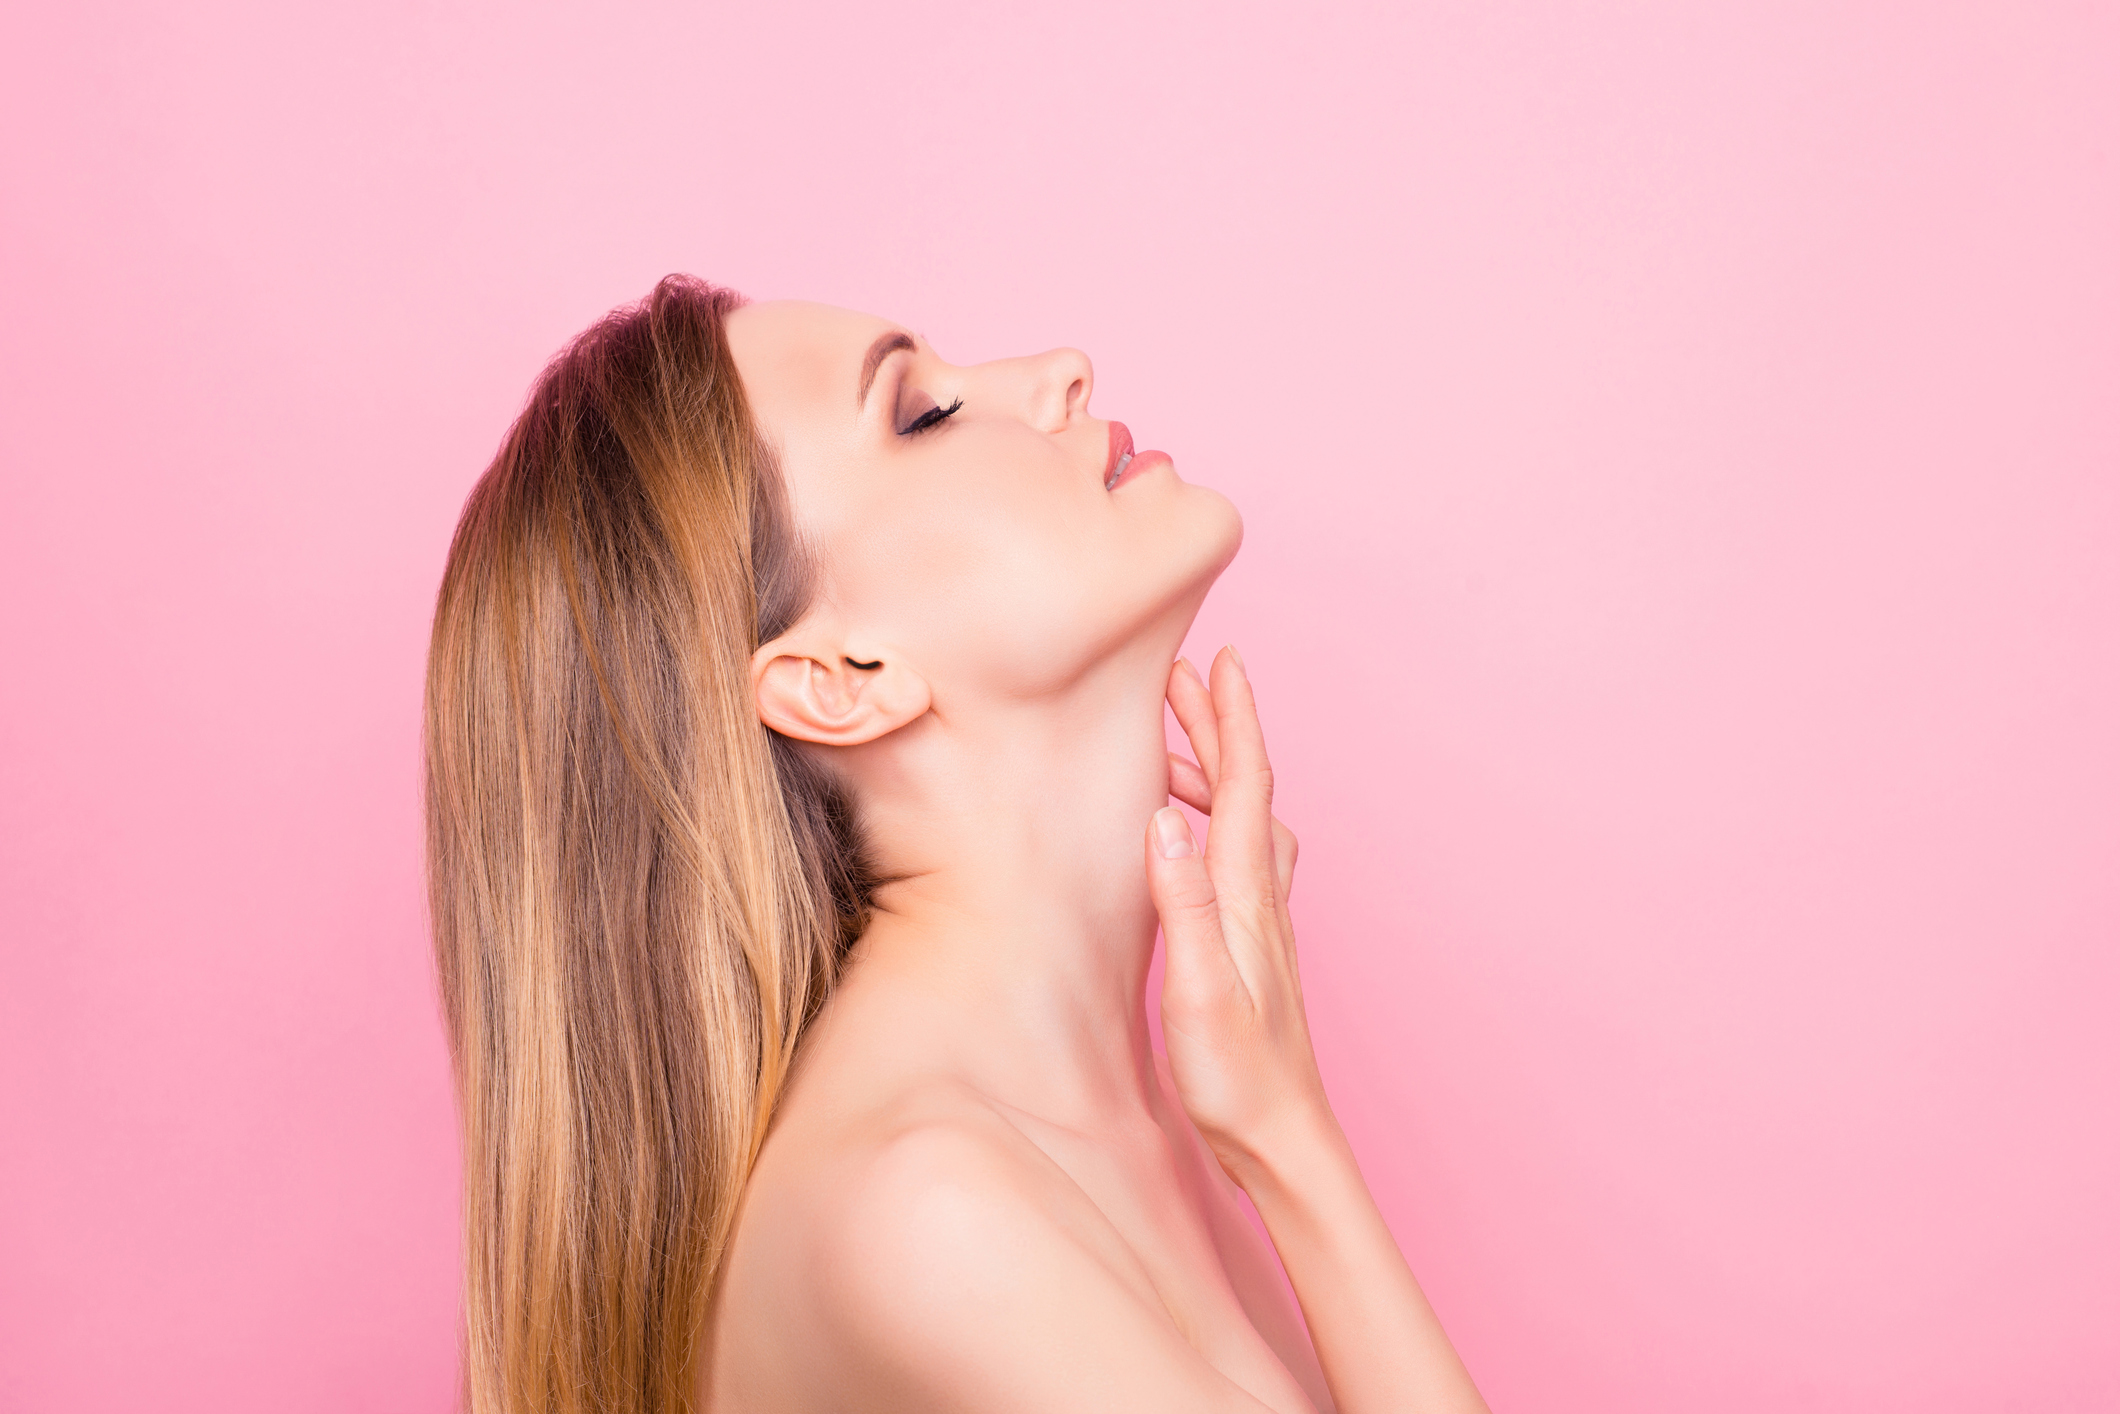 Кращі вправи, які допоможуть позбутися складок і зморшок на шиї